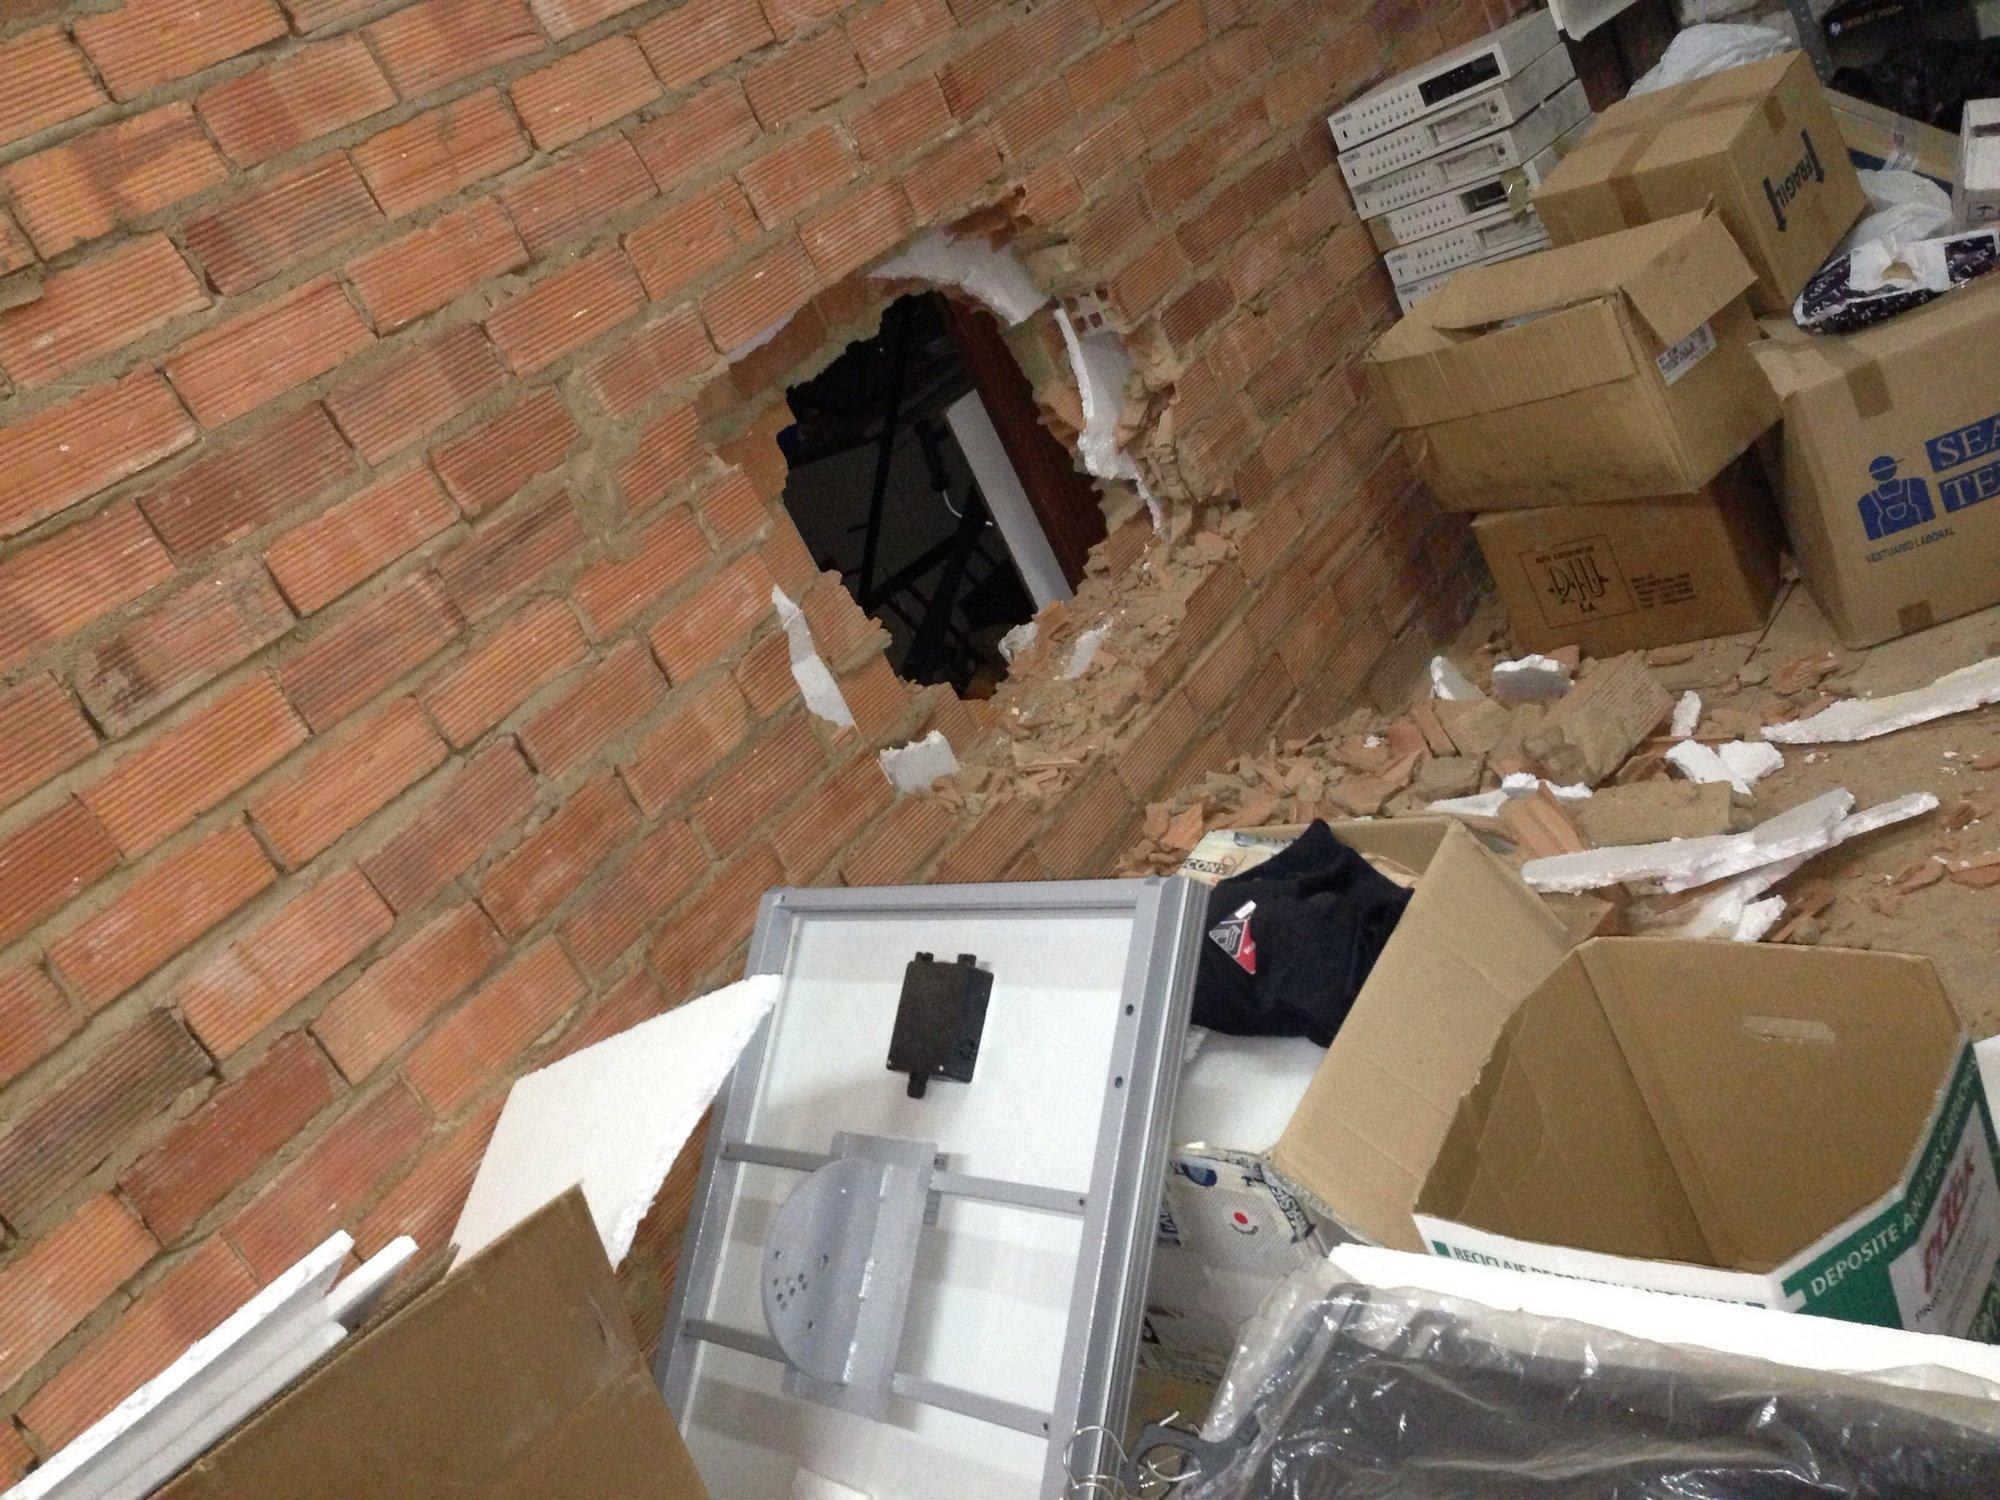 Desconocidos entran a través de un butrón en La Algodonera de Mérida y roban 1.600 euros de la caja fuerte